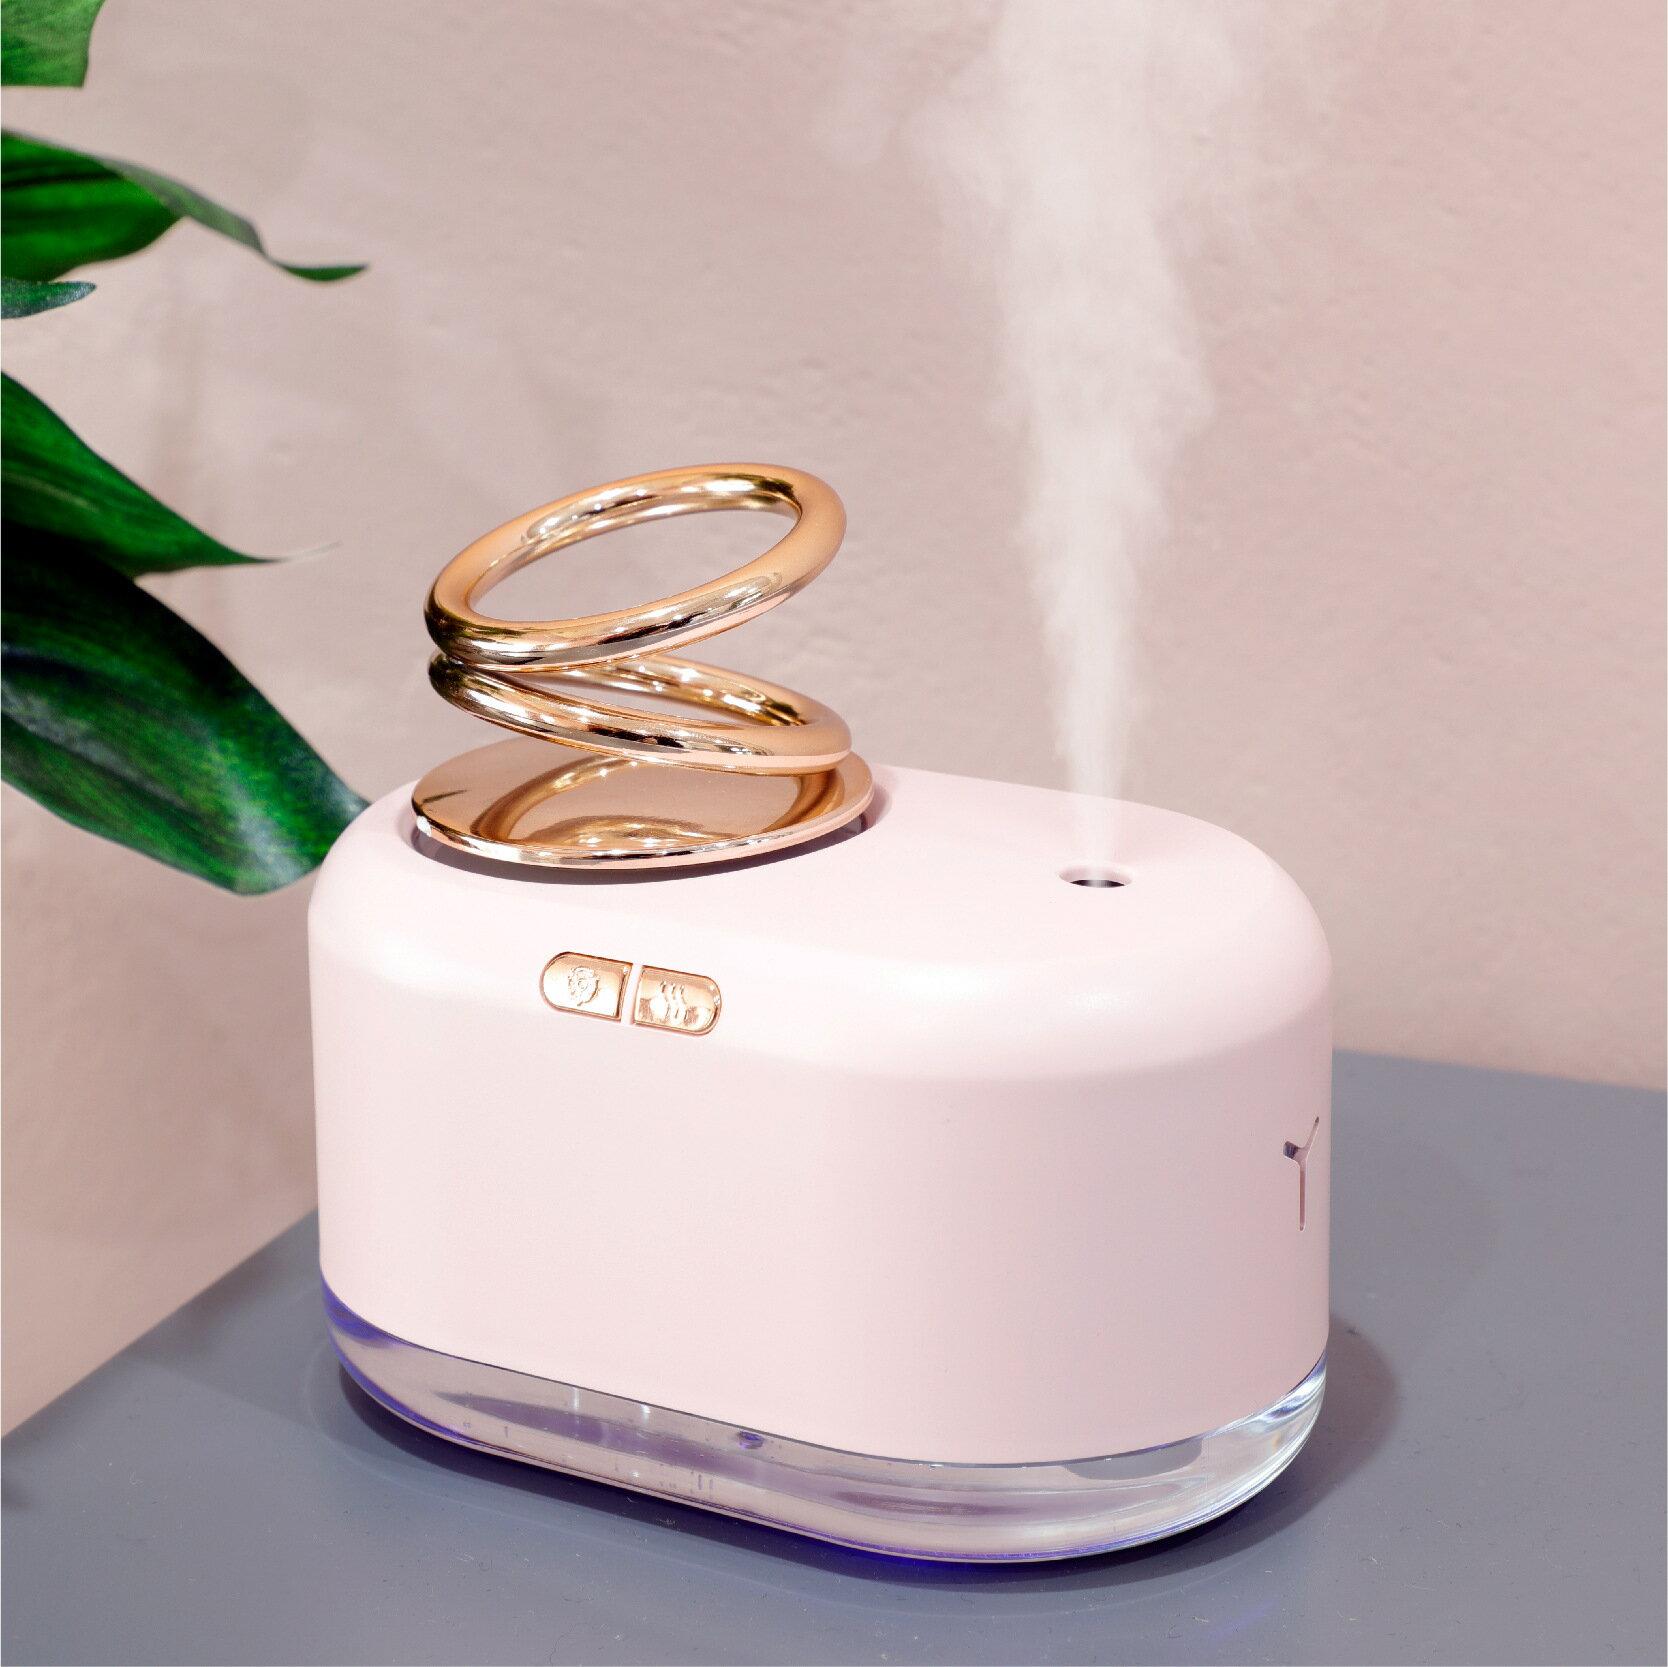 新品桌面懸浮雙環加濕器 靜音定時噴霧usb小型家用增濕加濕器